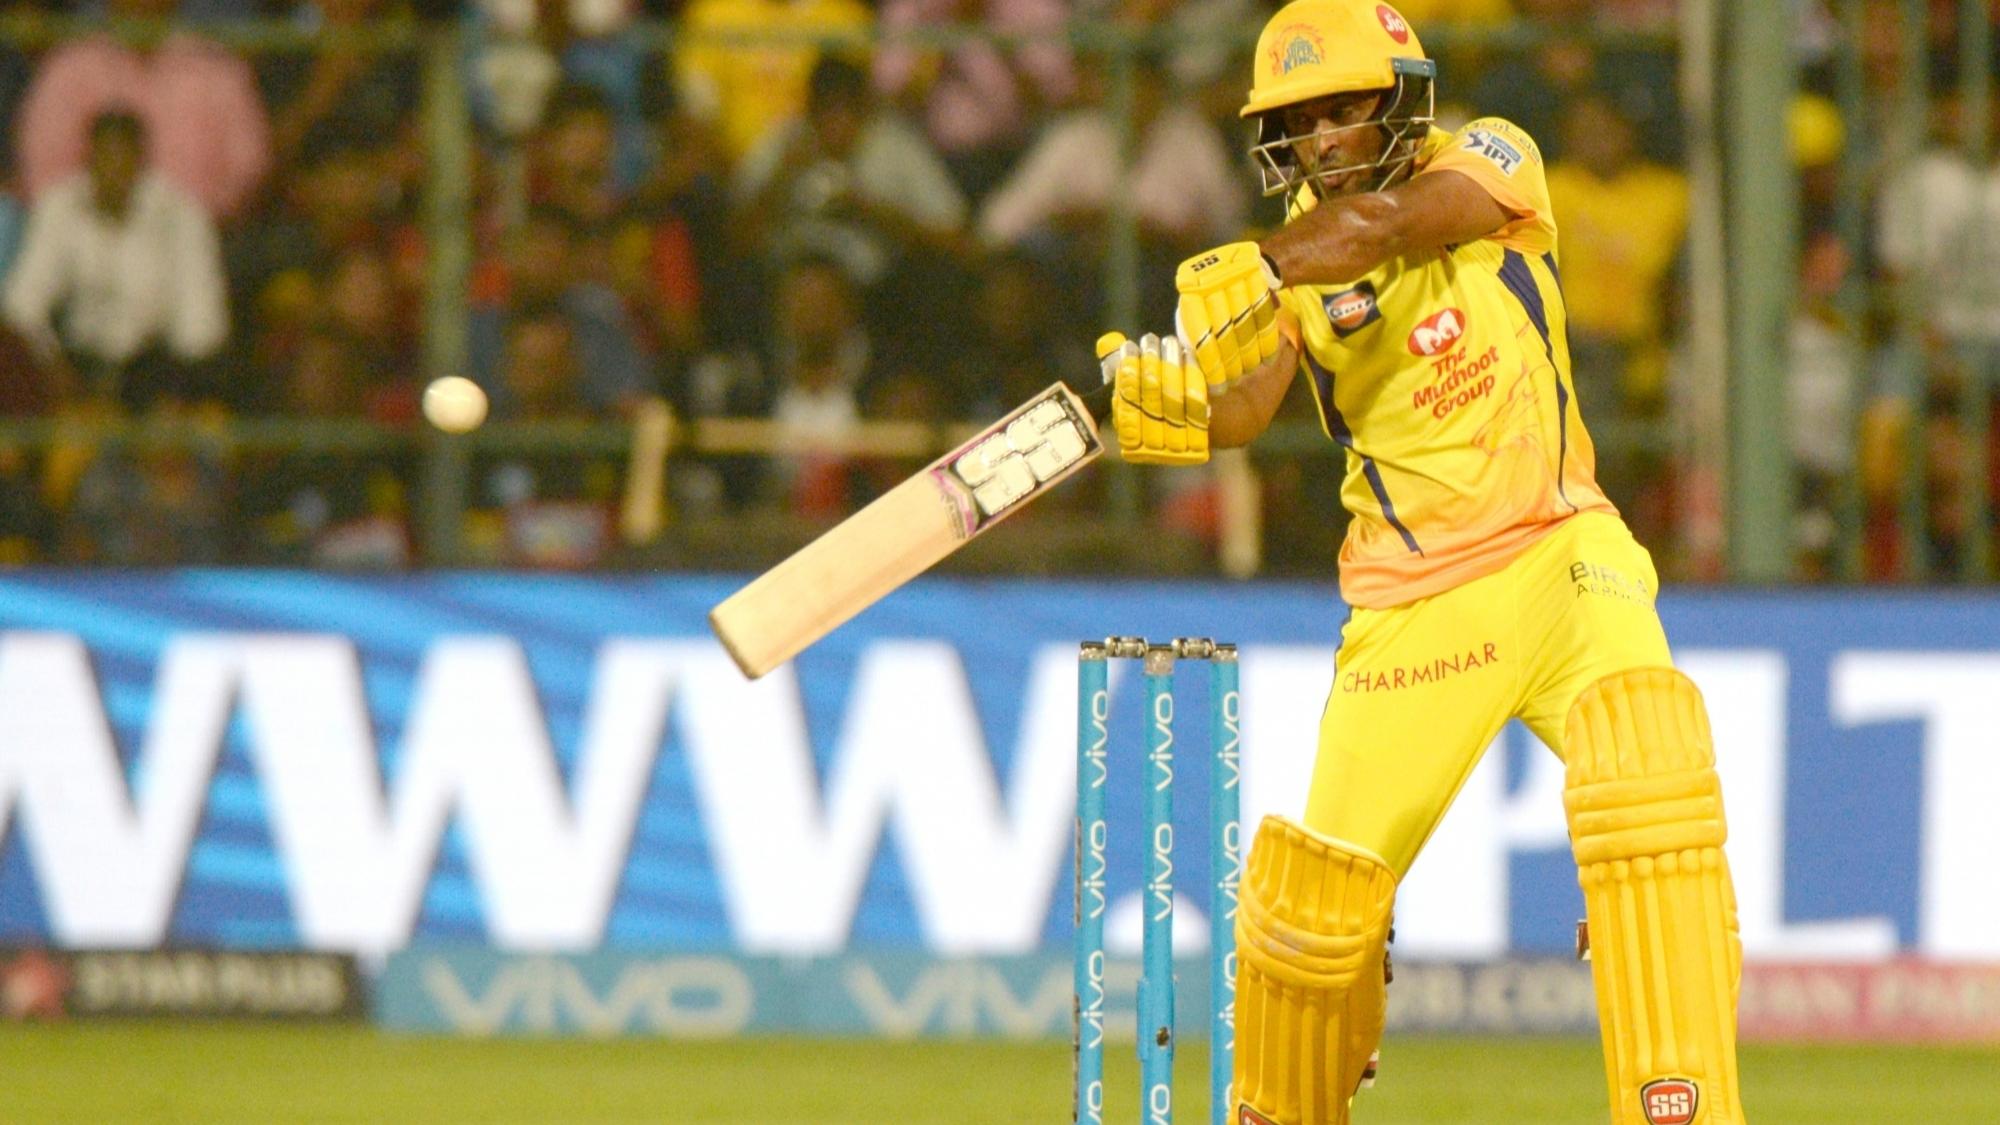 IPL 2018 : सुनील गावस्कर ने अंबाती रायडू की जमकर की तारीफ